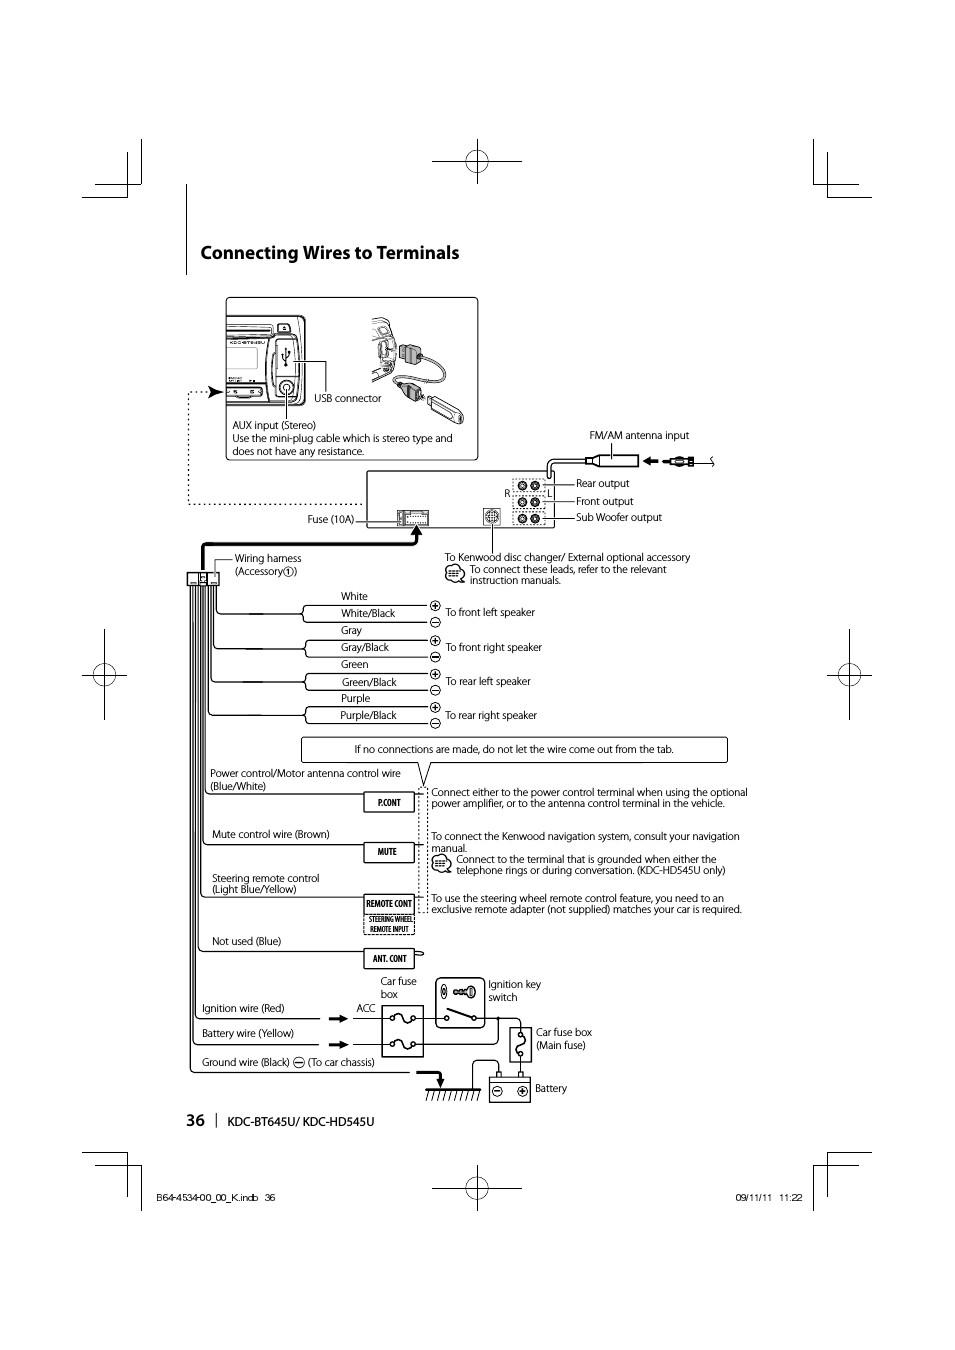 kenwood kdc hd545u page36